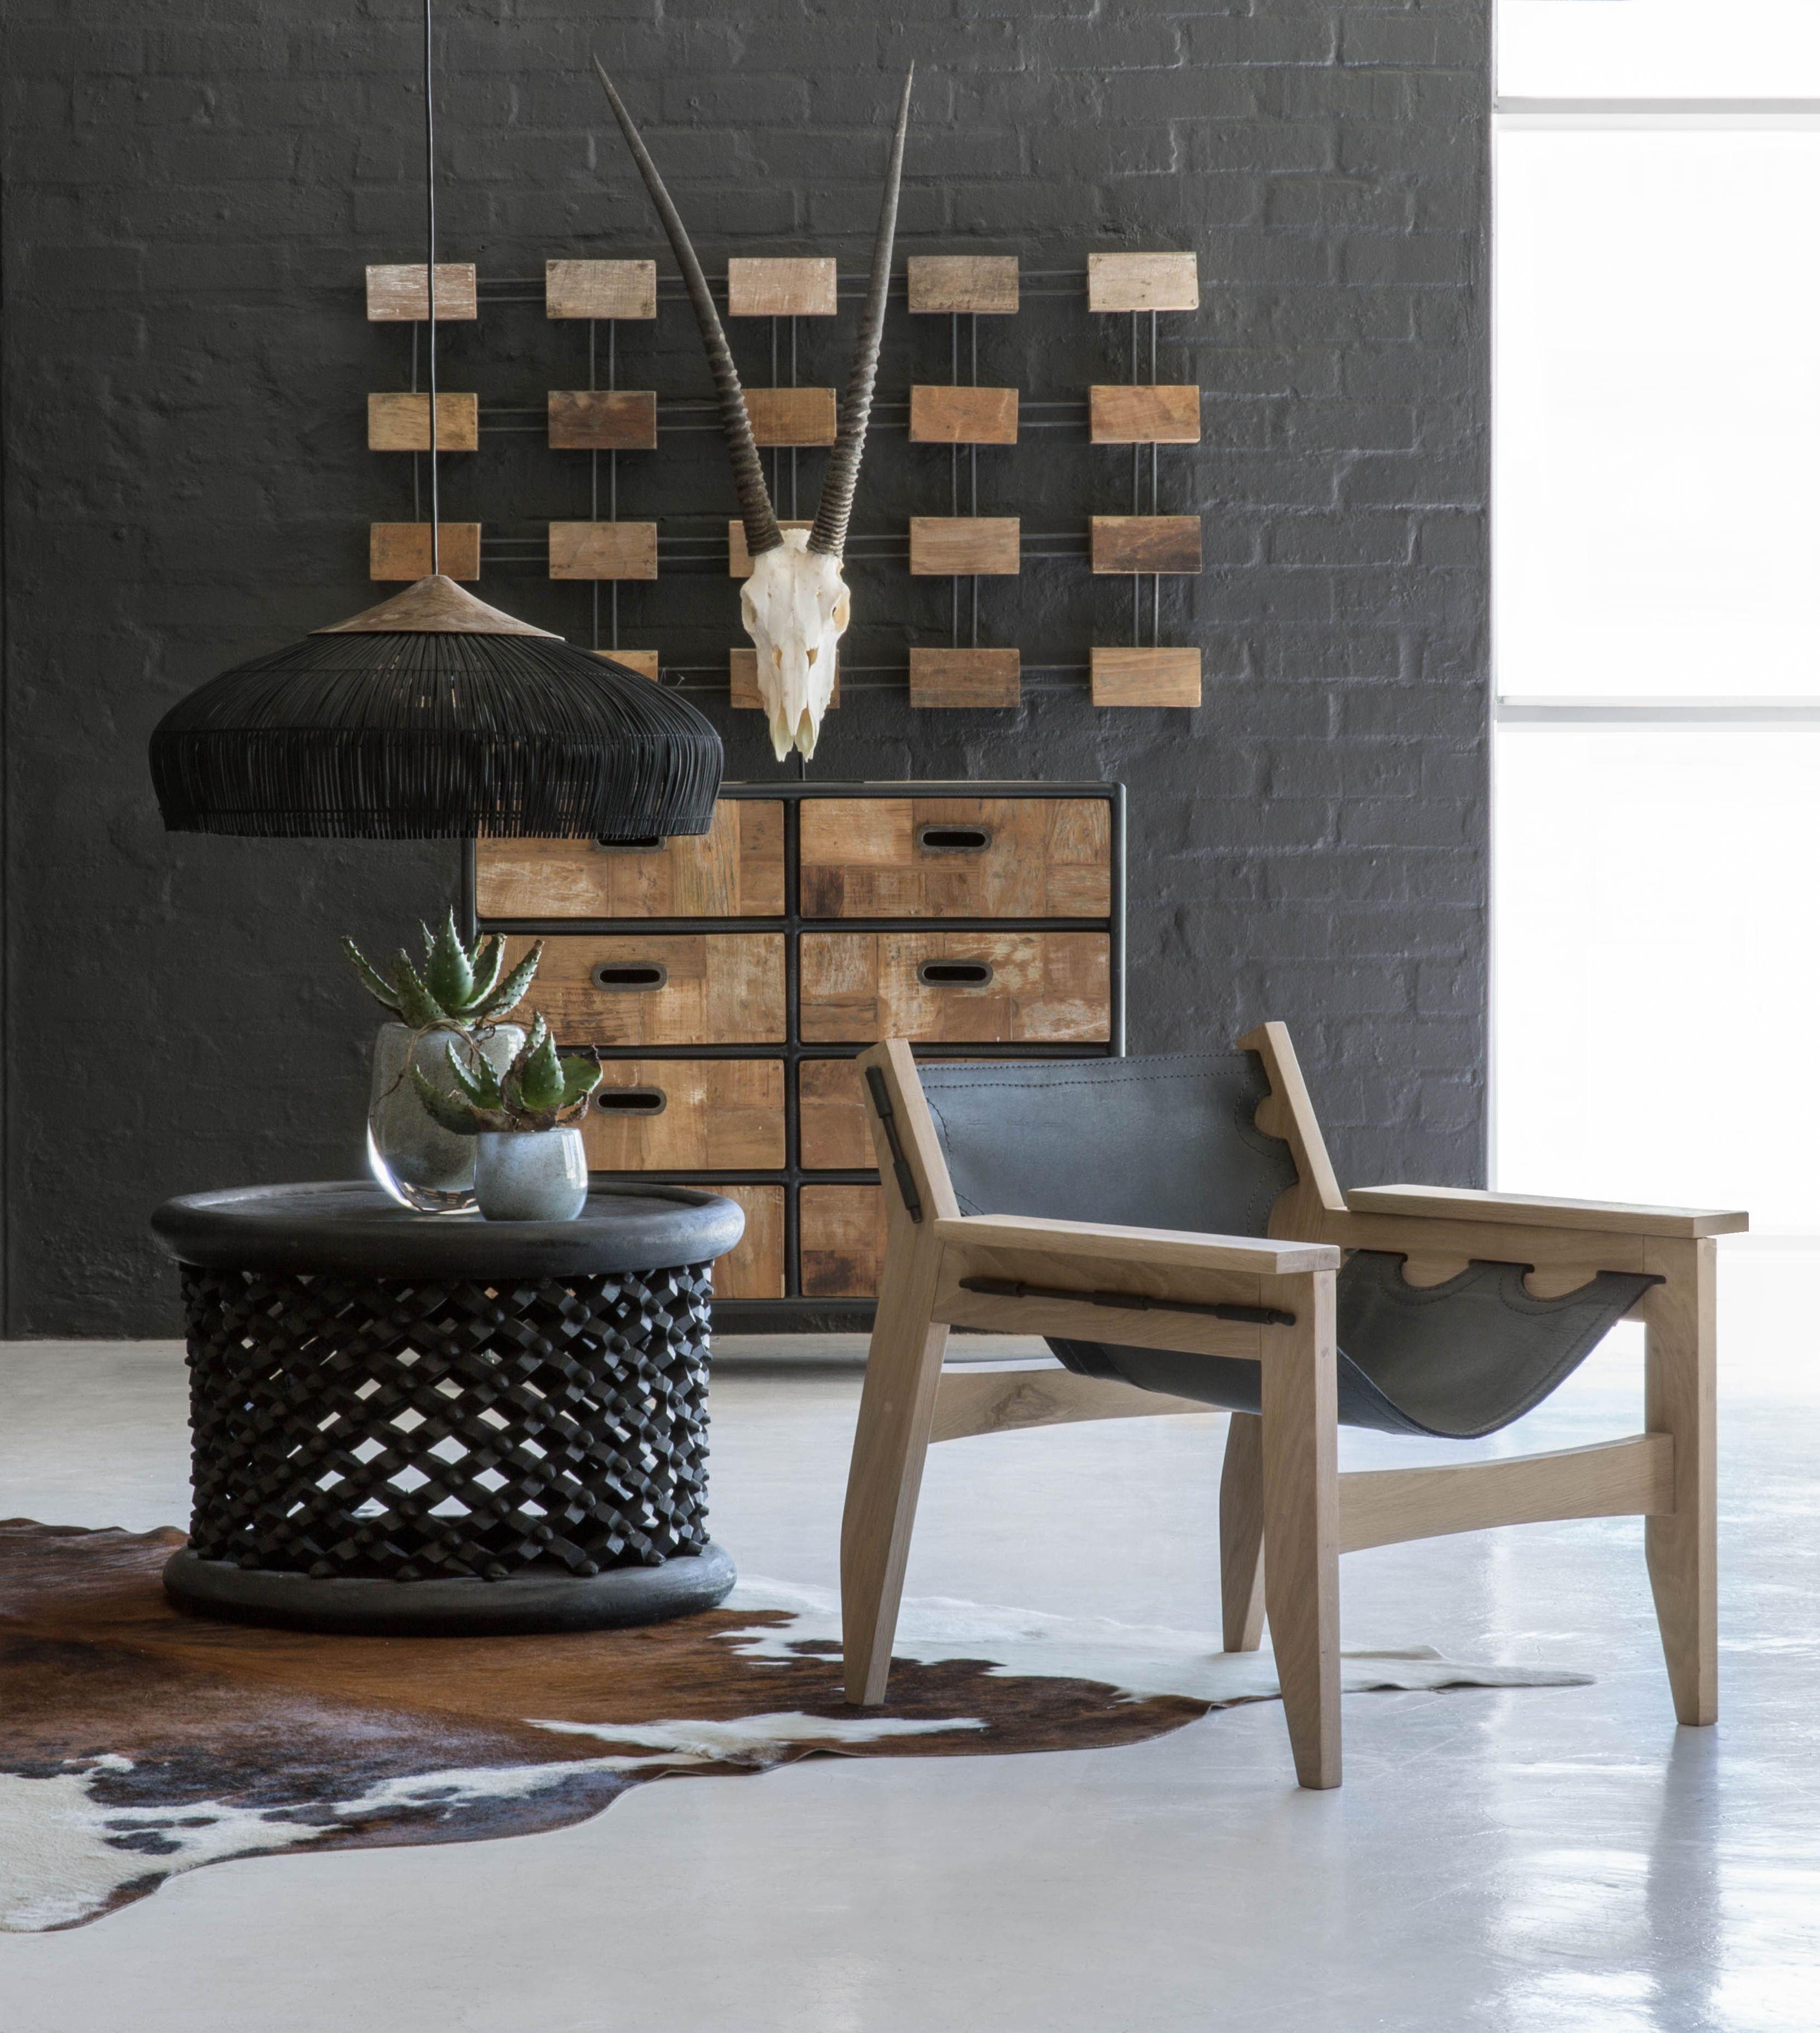 Pin von Weylandts auf Signature Chairs | Pinterest